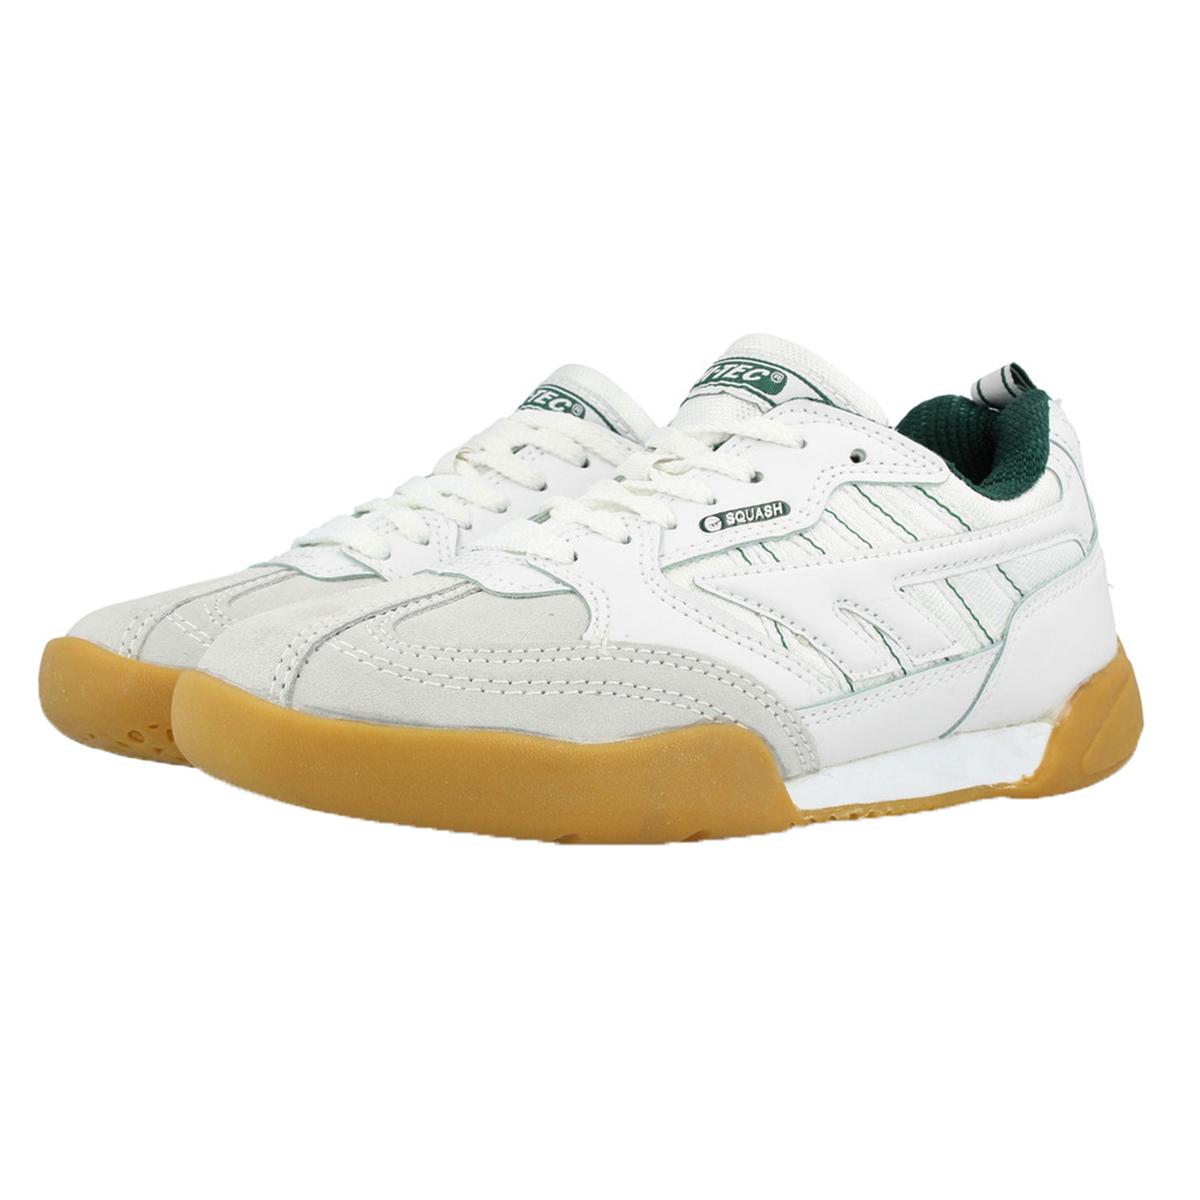 Hi-Tec Zapatillas clásicas Modelo Squash Non Non Non Marking hombre caballero (DF912) 2dfa30